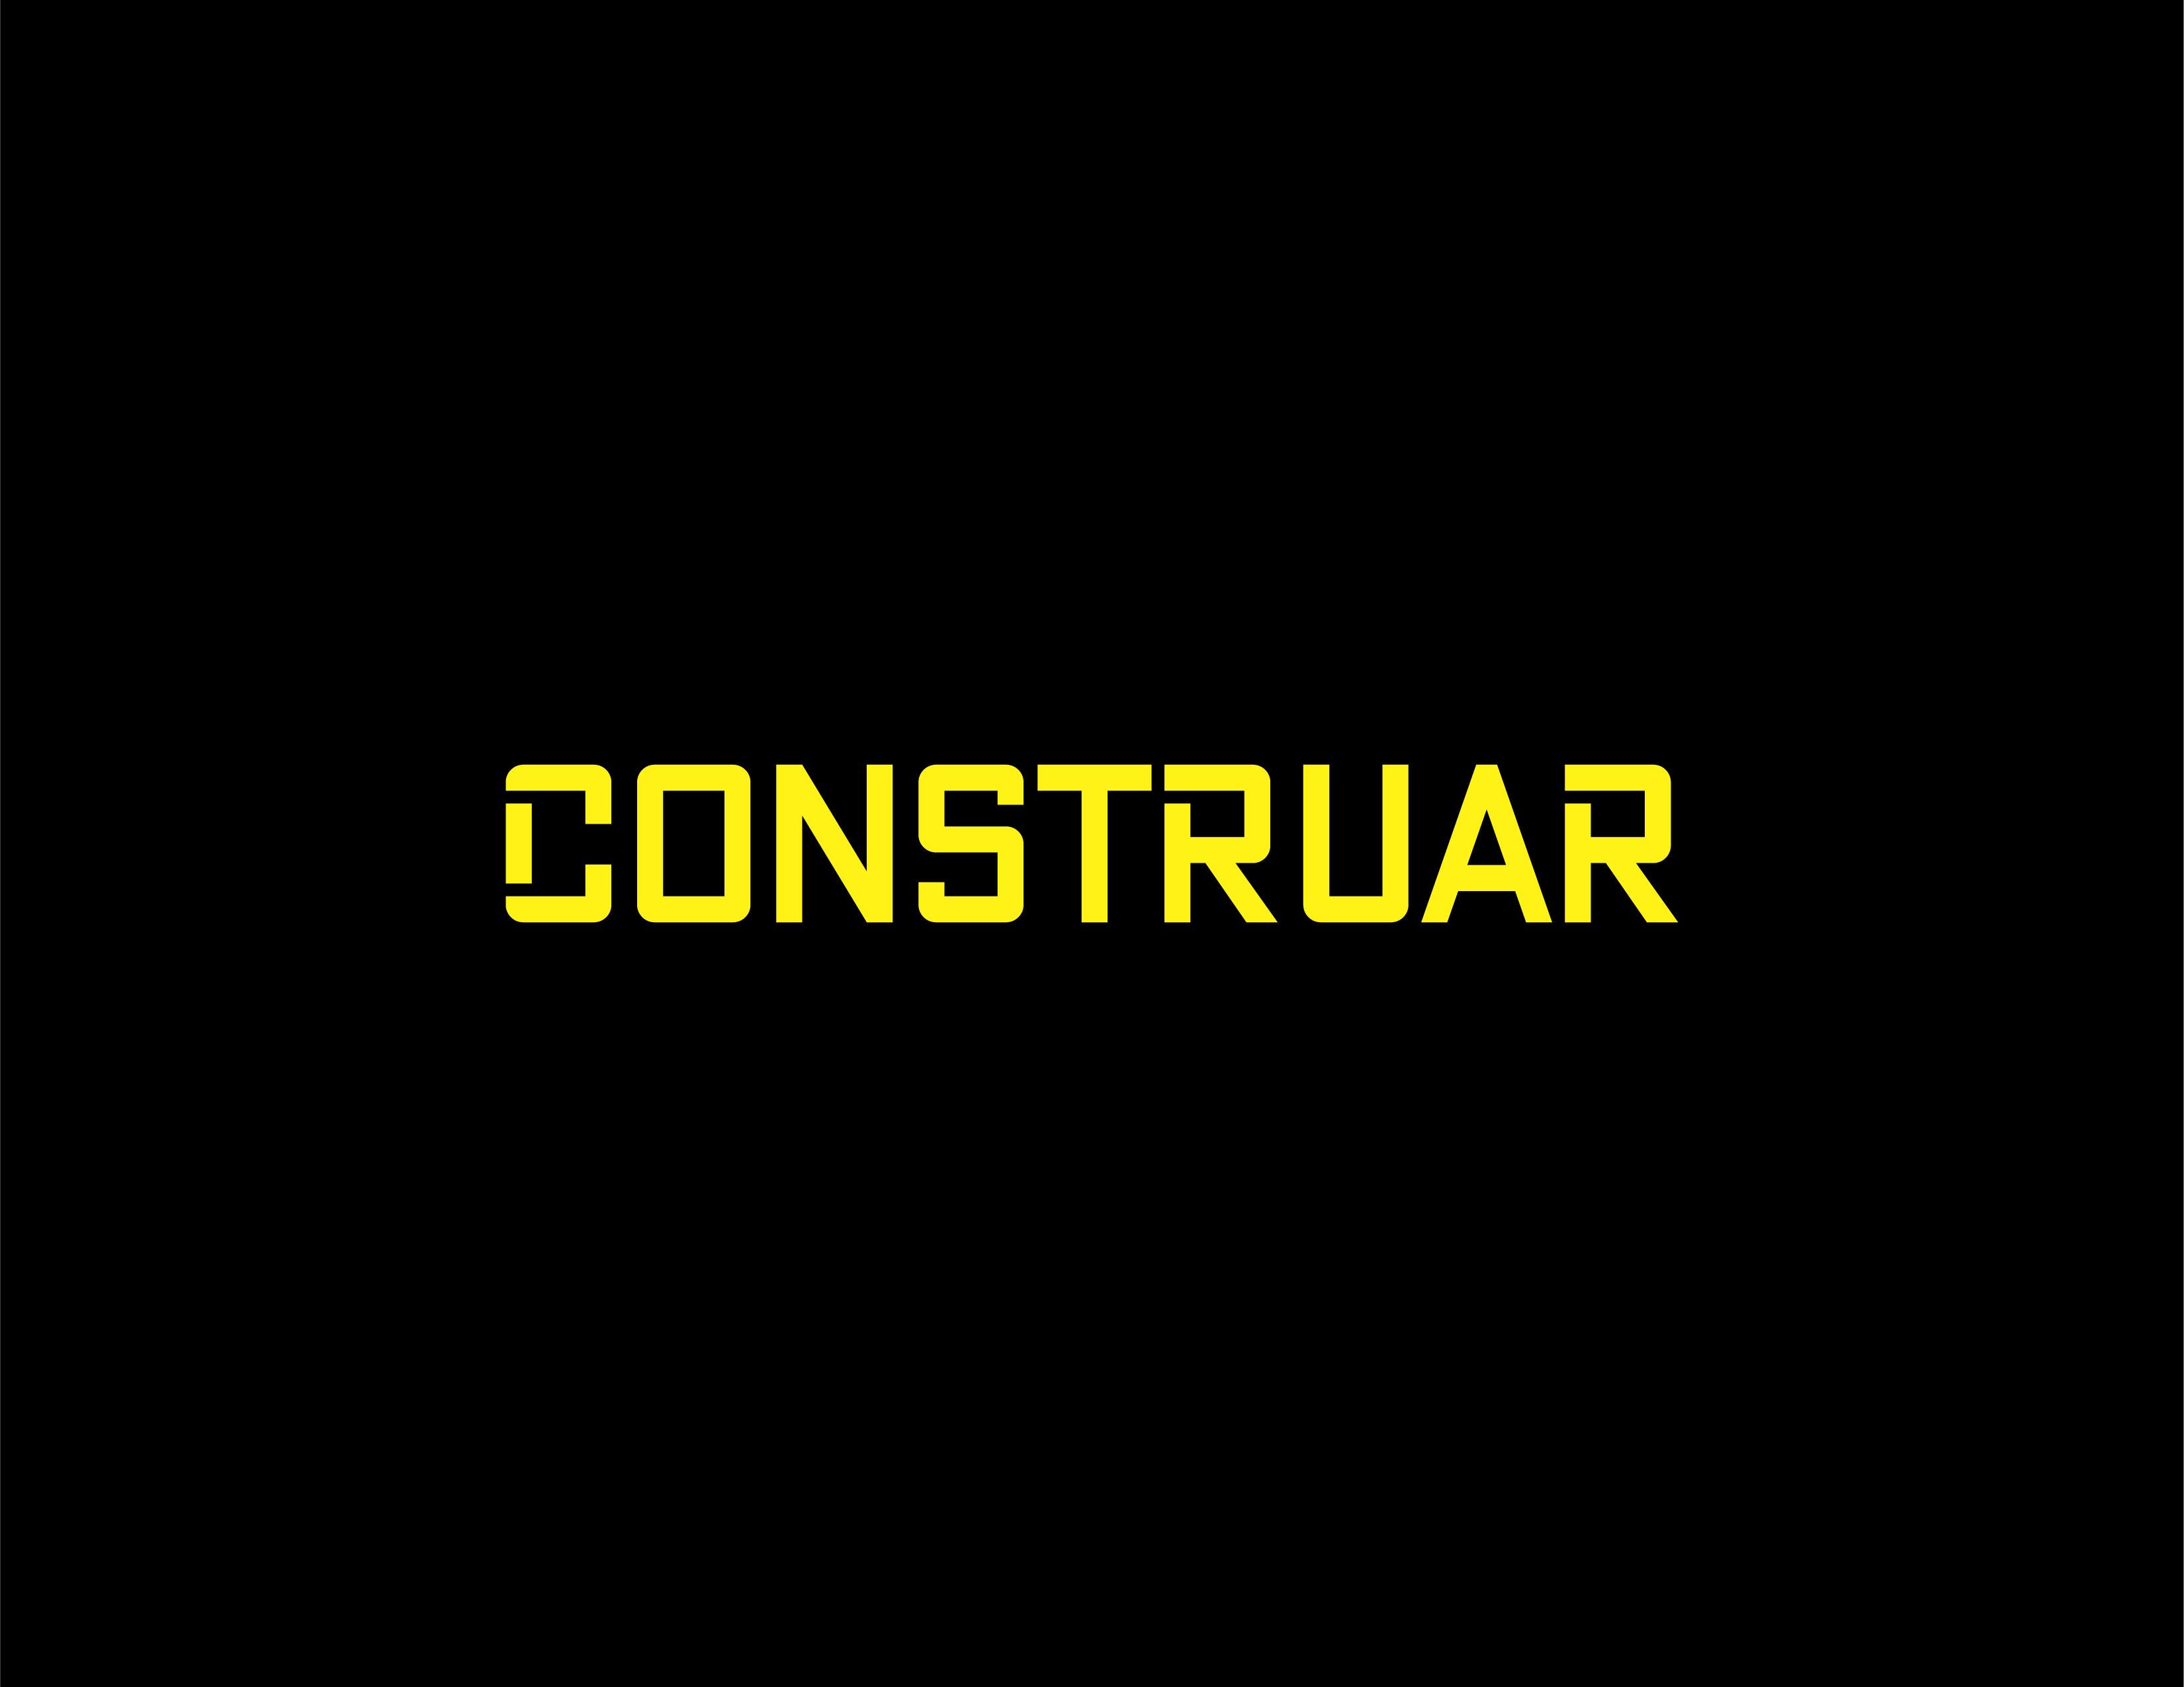 Construar